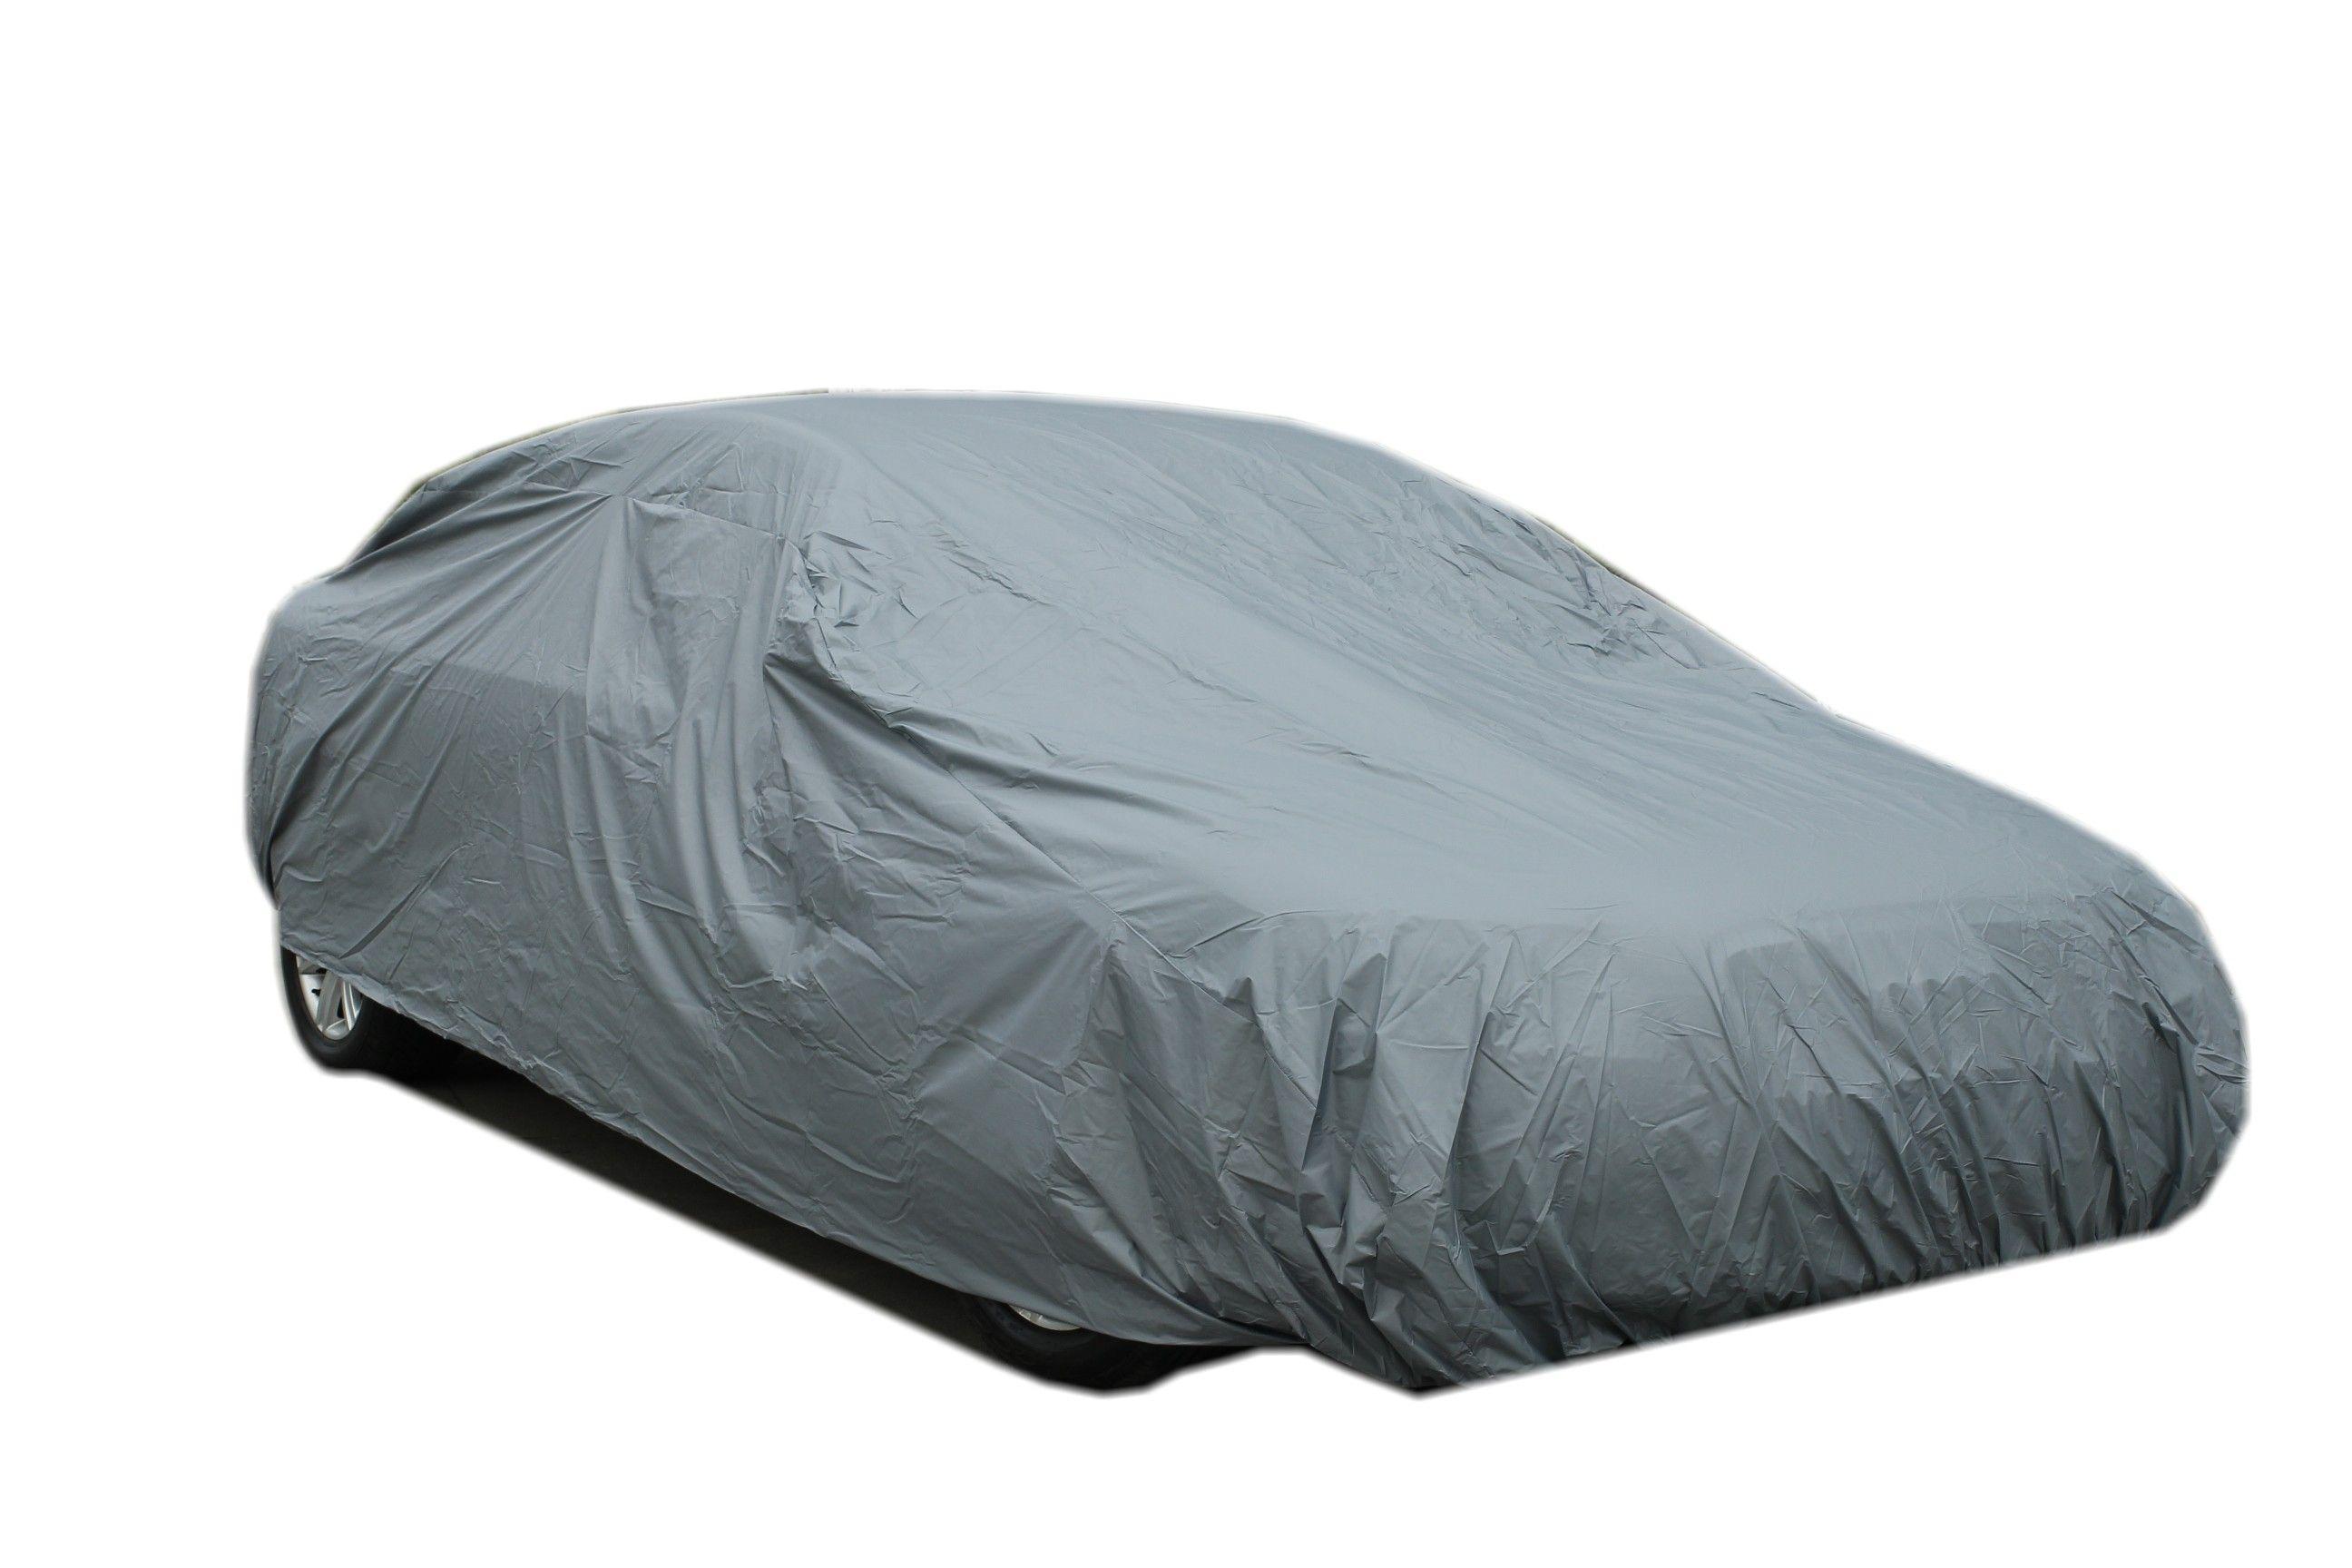 汽车车衣罩 PEVA单层车罩防尘防水 外贸热销 现货供应 可定制材质和款式